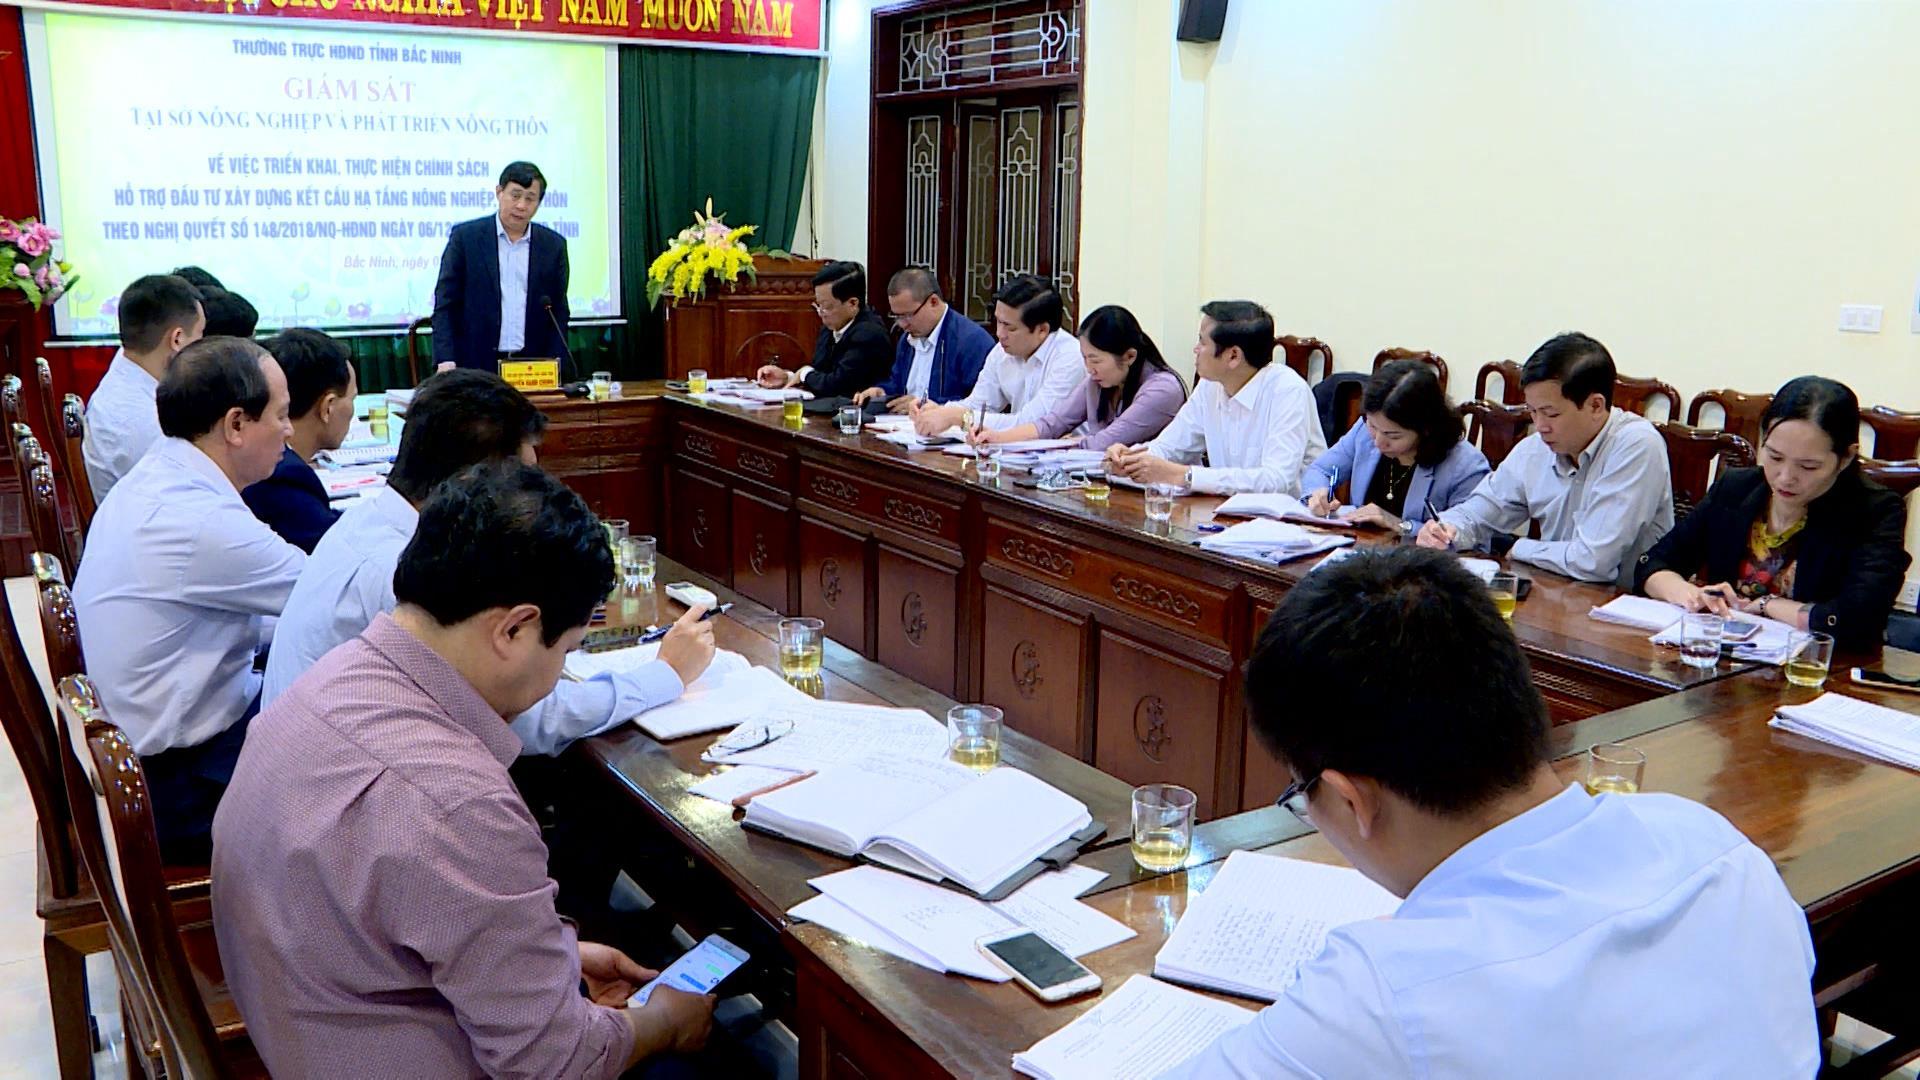 HĐND tỉnh giám sát tại Sở Nông nghiệp và Phát triển nông thôn